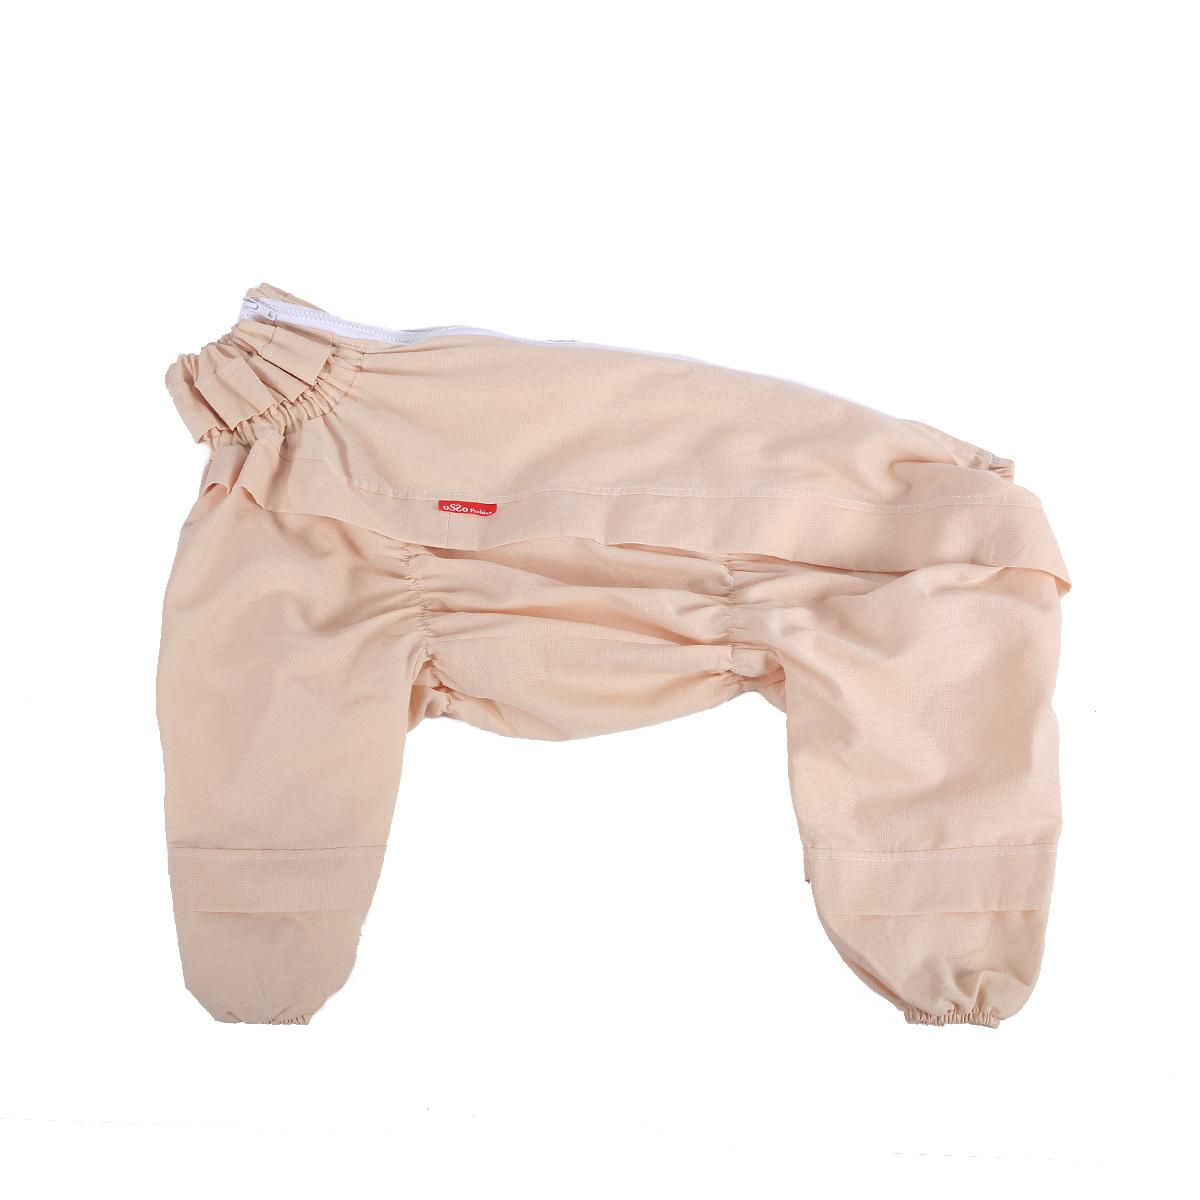 Комбинезон для собак OSSO Fashion, от клещей, для девочки, цвет: бежевый. Размер 7012171996Комбинезон для собак OSSO Fashion изготовлен из 100% хлопка, имеет светлую расцветку, на которой сразу будут заметны кровососущие насекомые. Комбинезон предназначен для защиты собак во время прогулок по парку и лесу. Разработан с учетом особенностей поведения клещей. На комбинезоне имеются складки-ловушки на груди, на штанинах, на боках комбинезона и на шее, которые преграждают движение насекомого вверх. Комбинезон очень легкий и удобный. Низ штанин на резинке, на спине застегивается на молнию.Длина спинки: 70 см.Объем груди: 74-104 см.